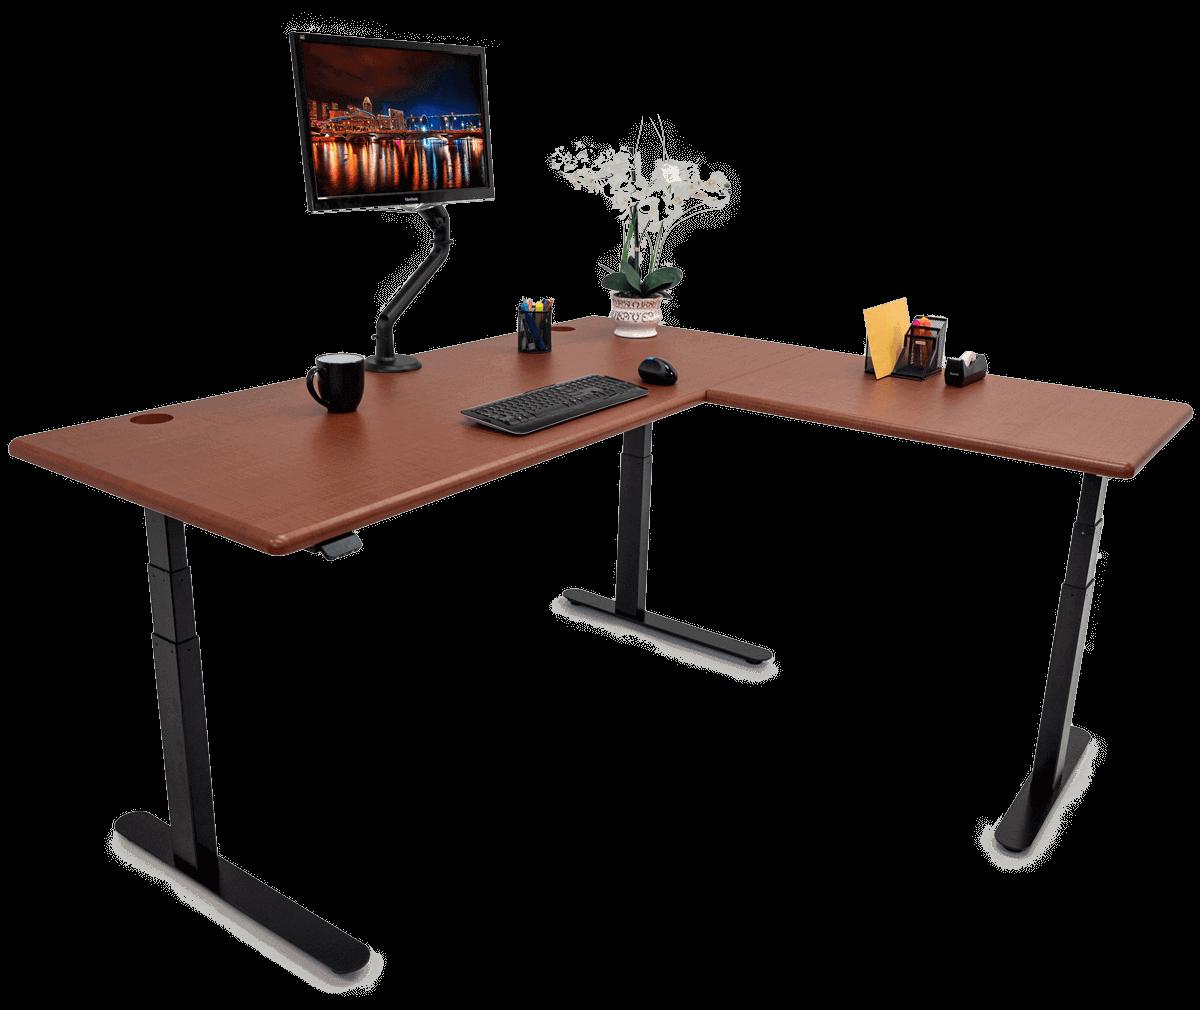 iMovR Lander L Desk